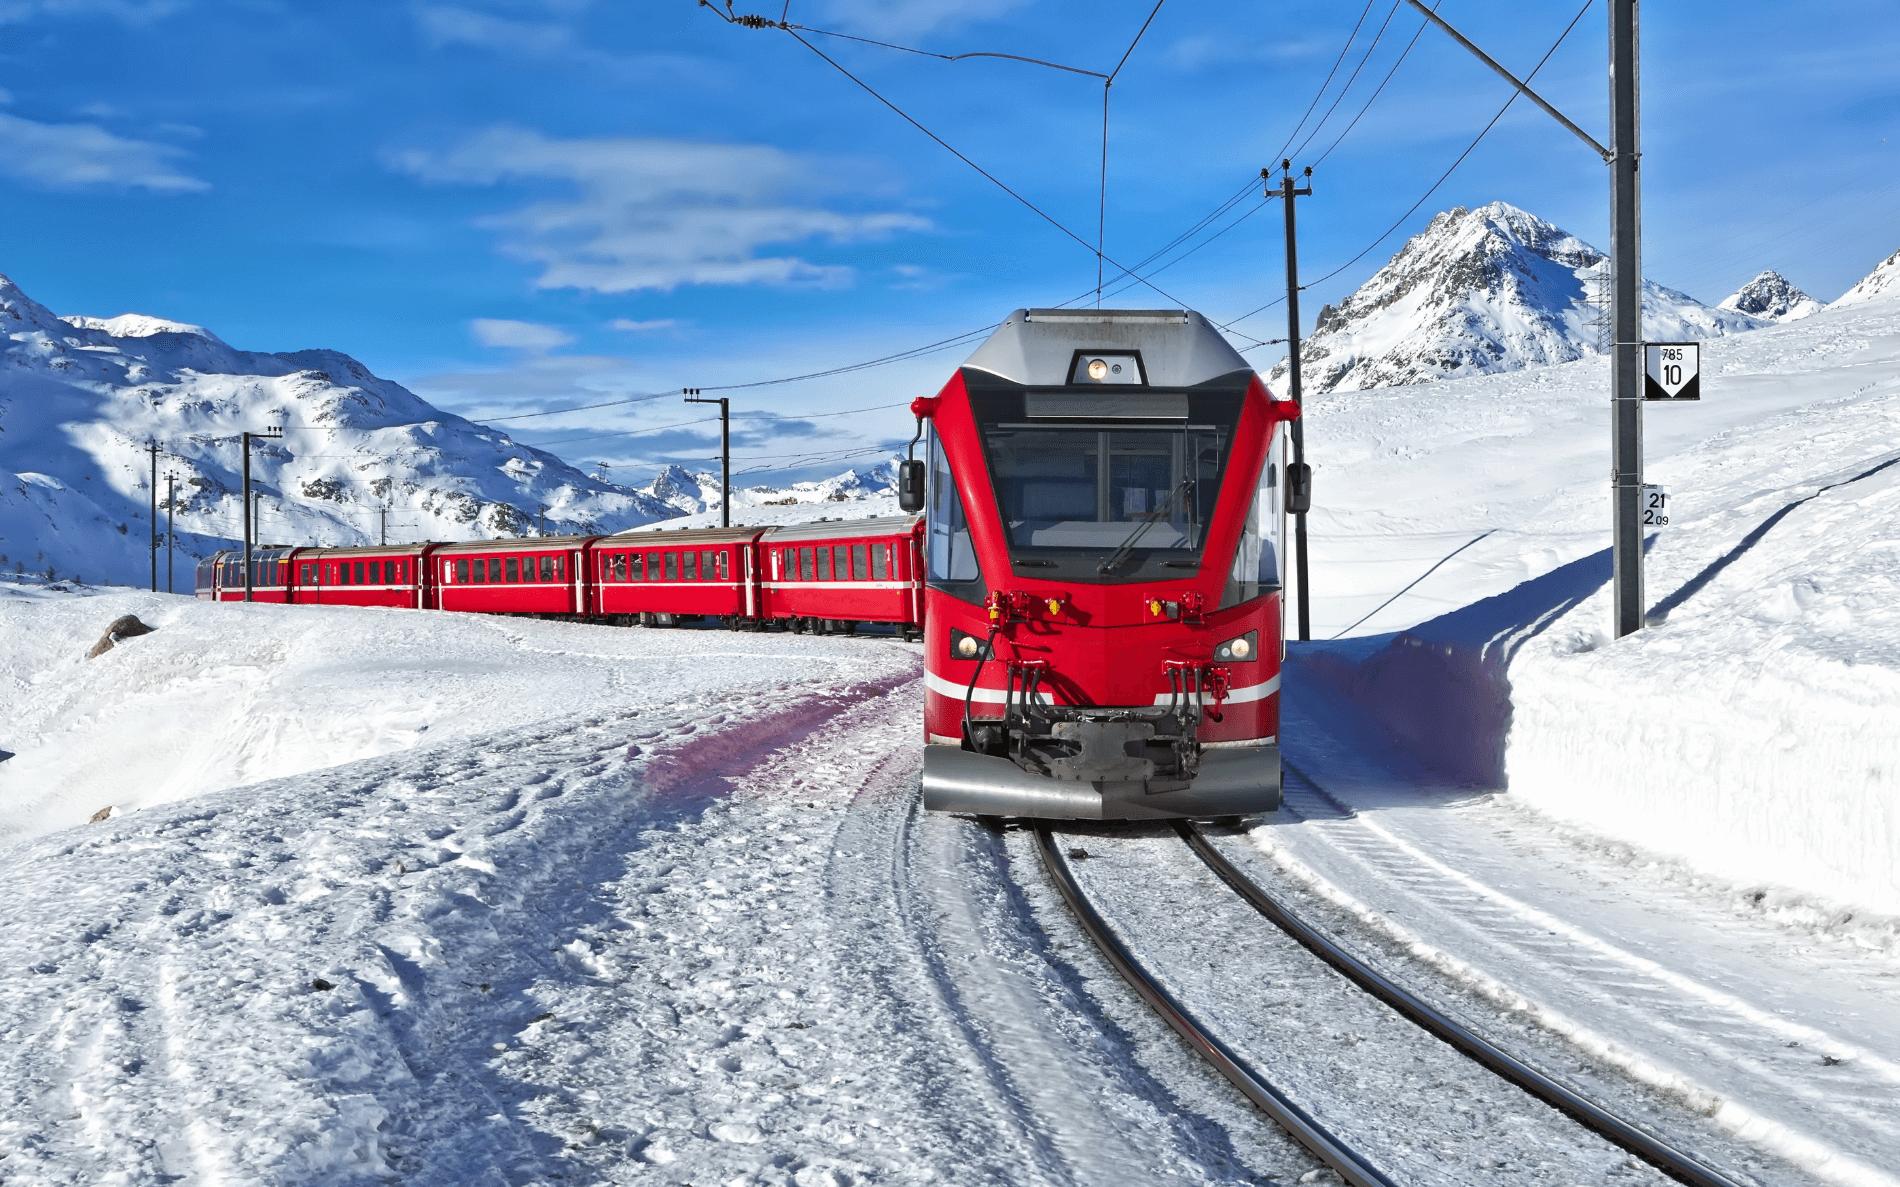 Kerstreis treinenspecial Bernina Express, Arosa Bahn - Zwitserland